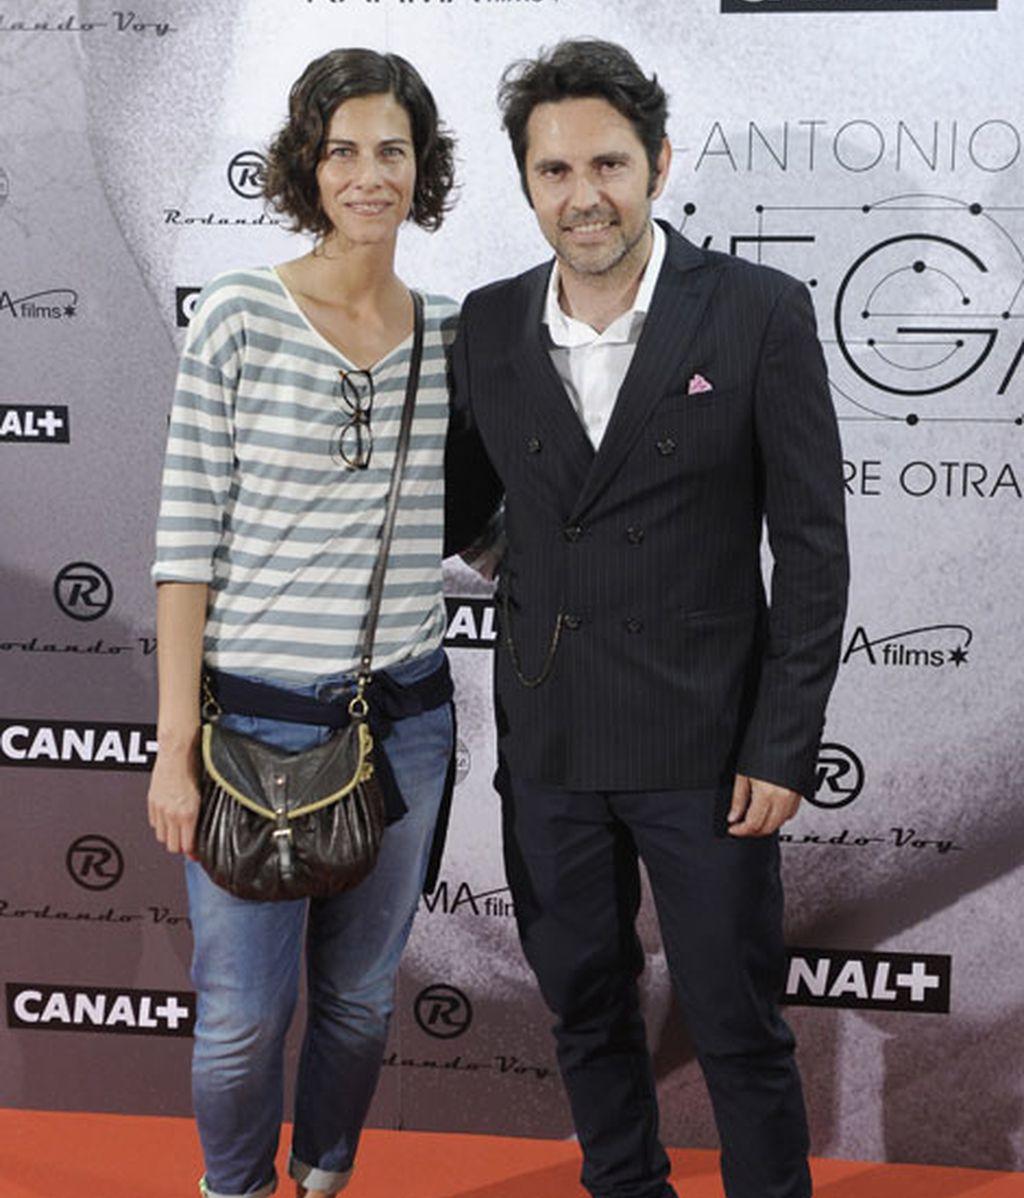 La presentadora Cristina Teva y su acompañante